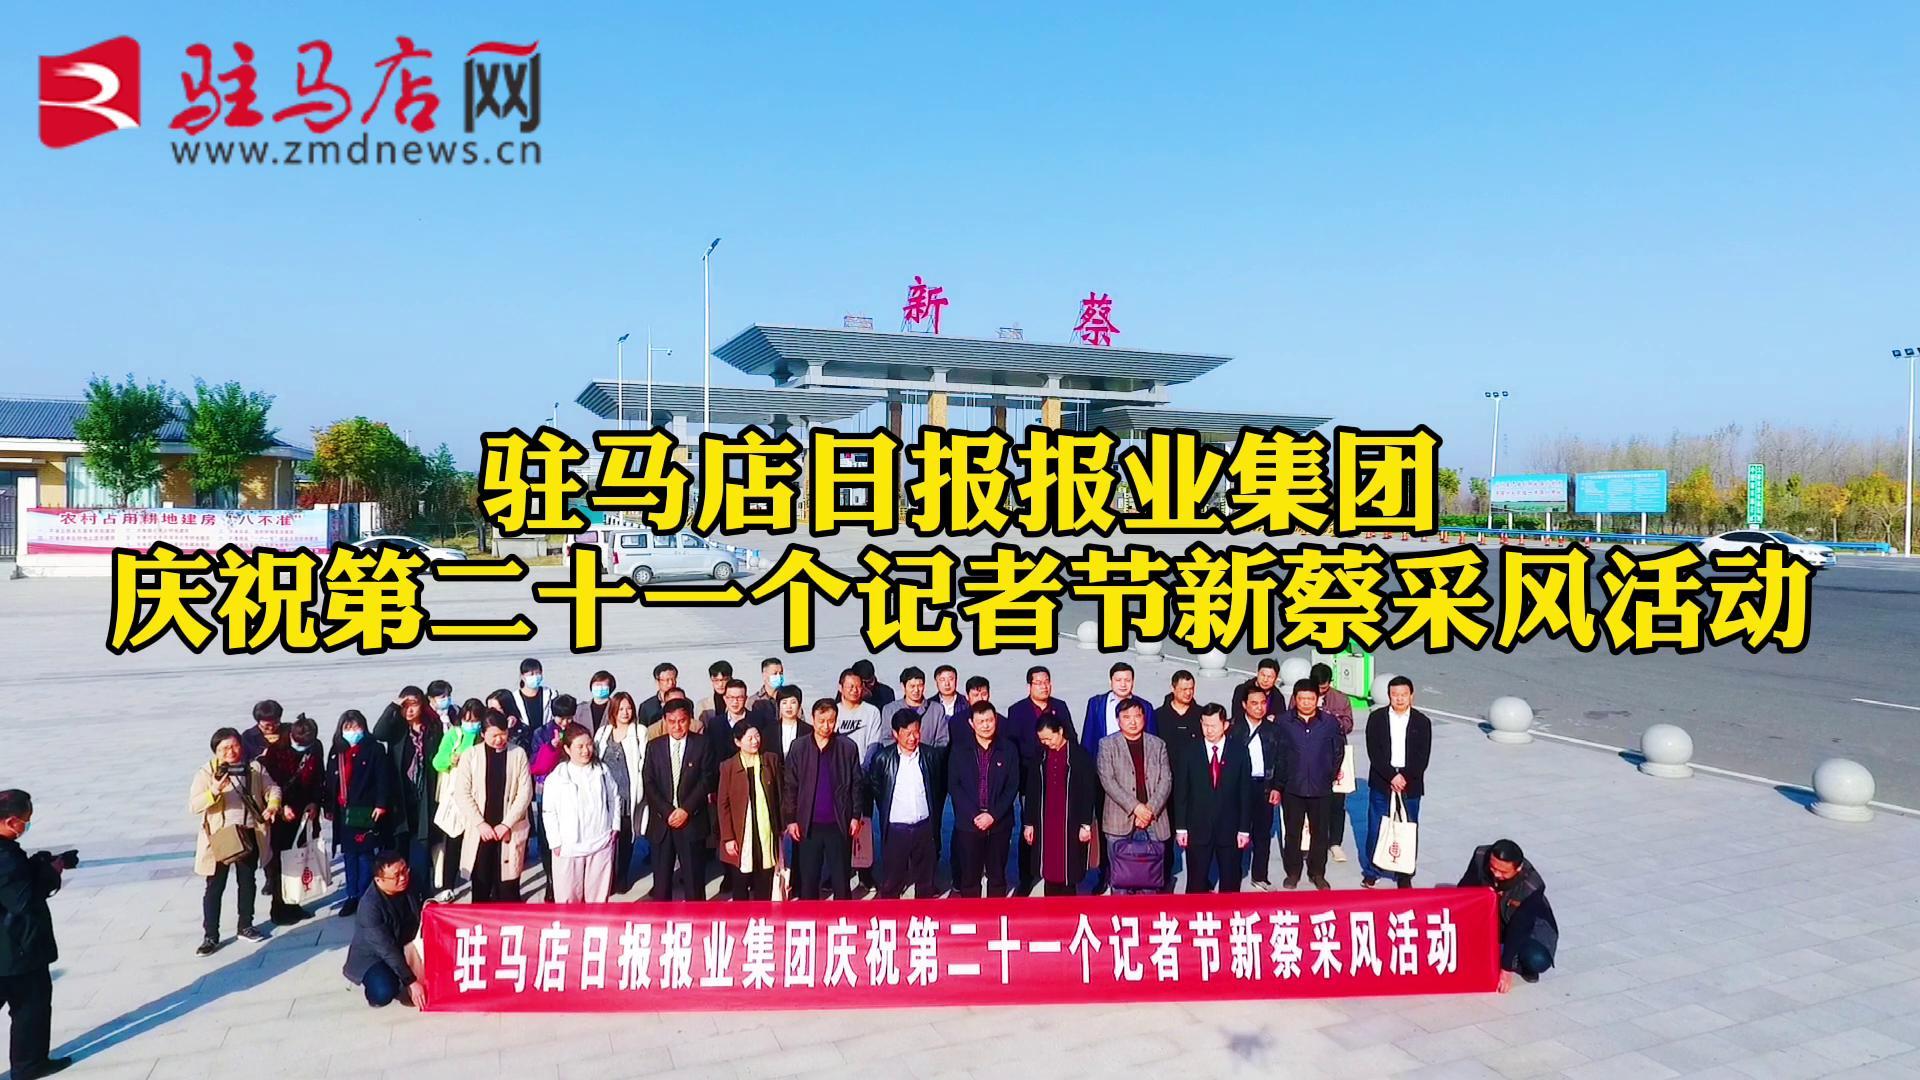 視頻|駐馬店日報報業集團慶祝第21記者節新蔡采風活動舉行